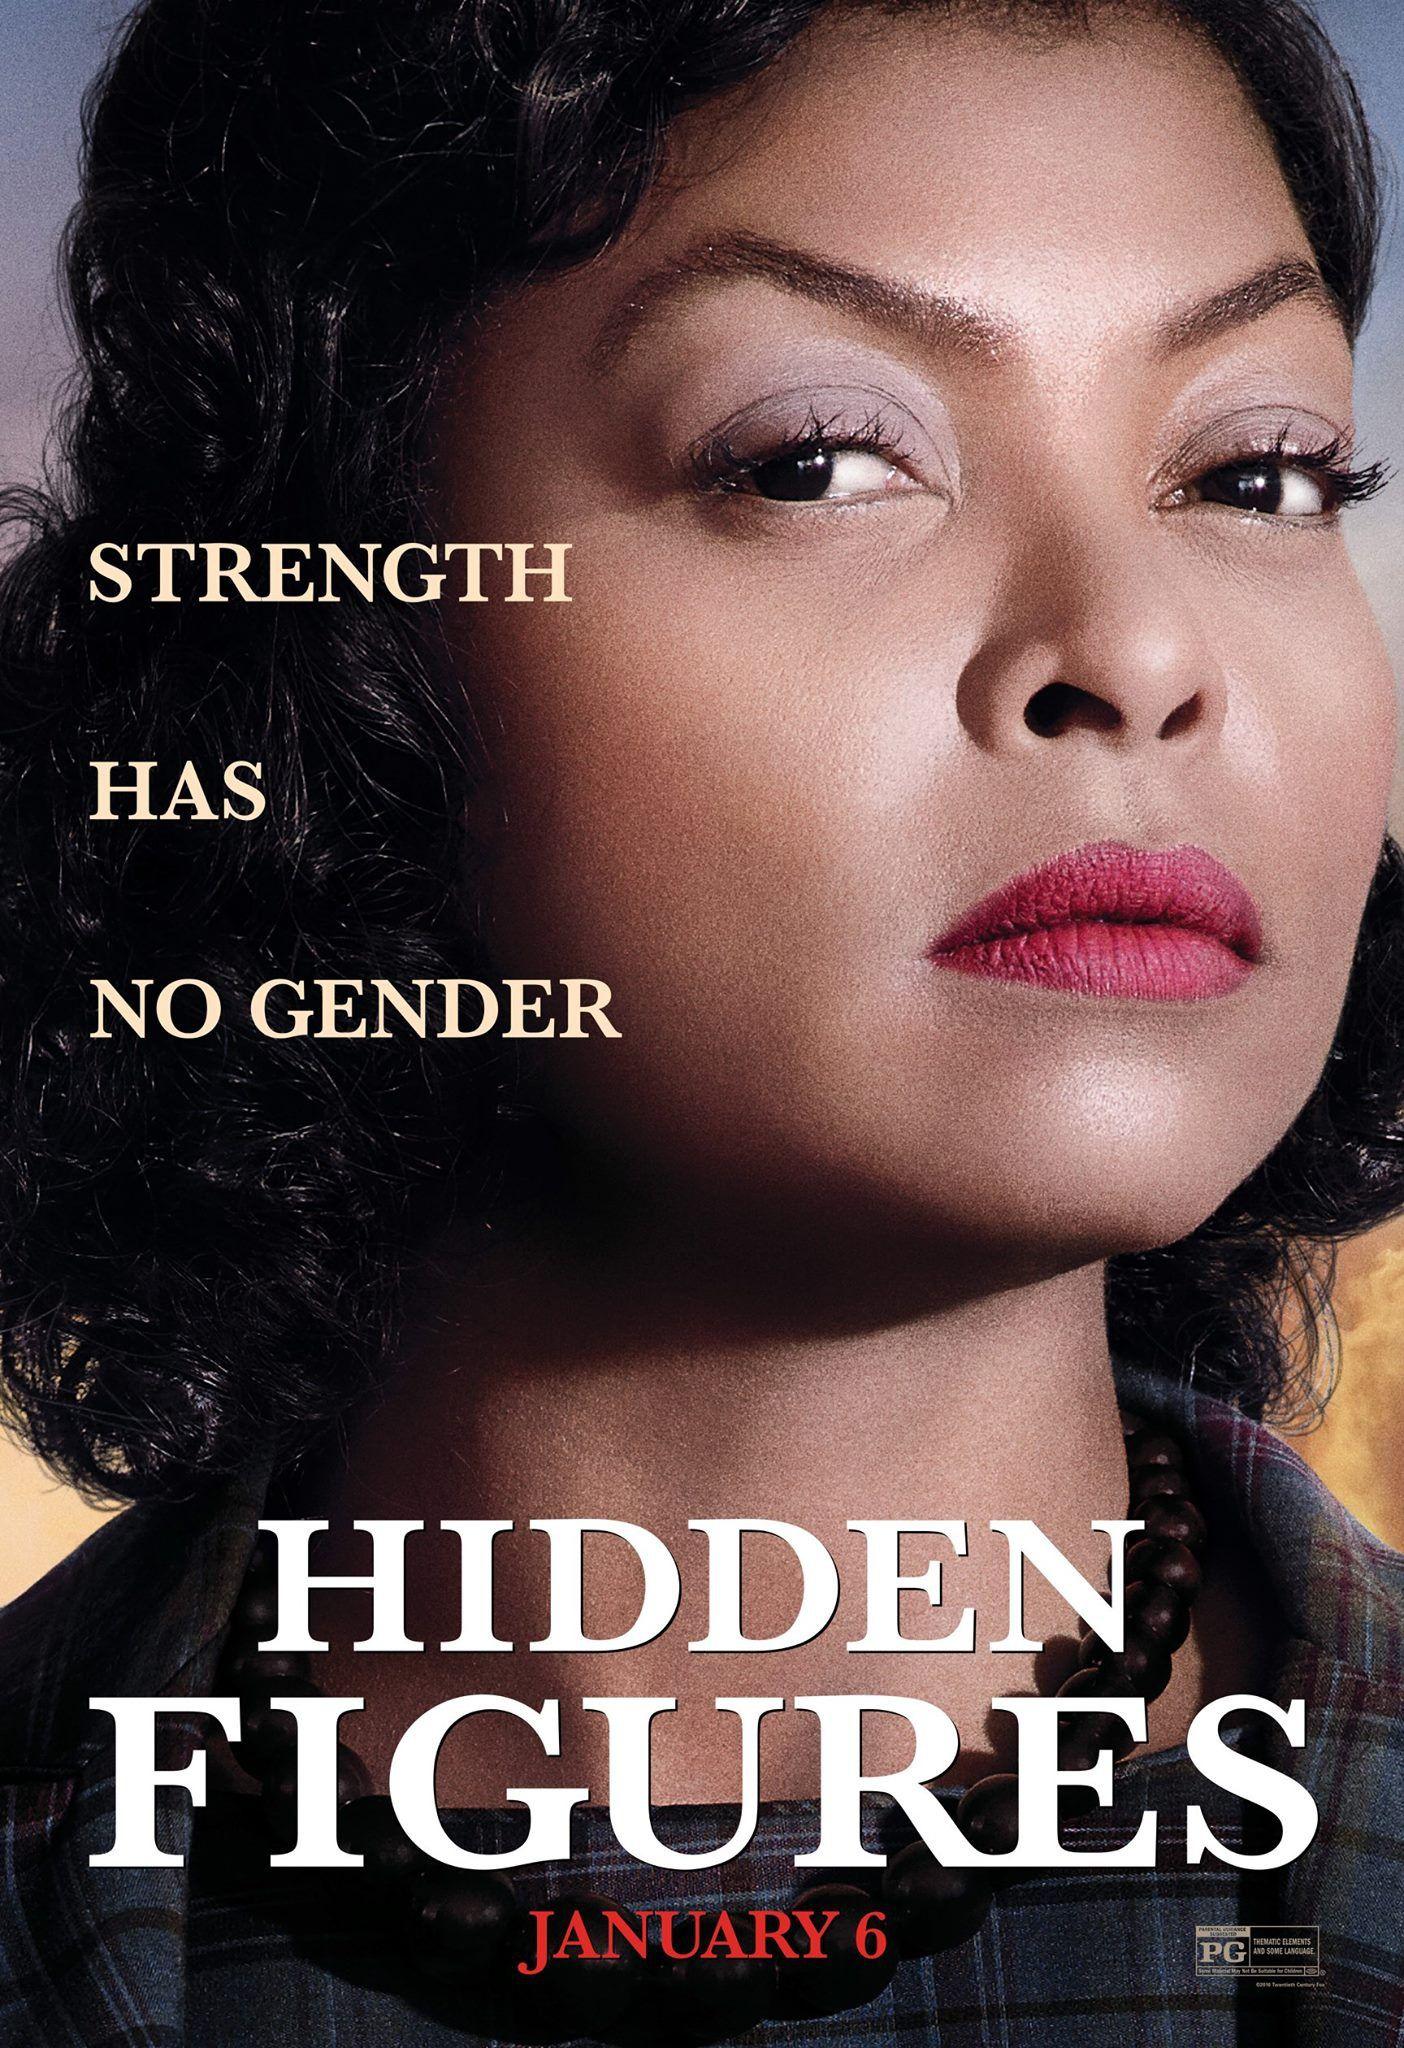 HIDDEN FIGURES (2017) Hidden figures, New movie posters